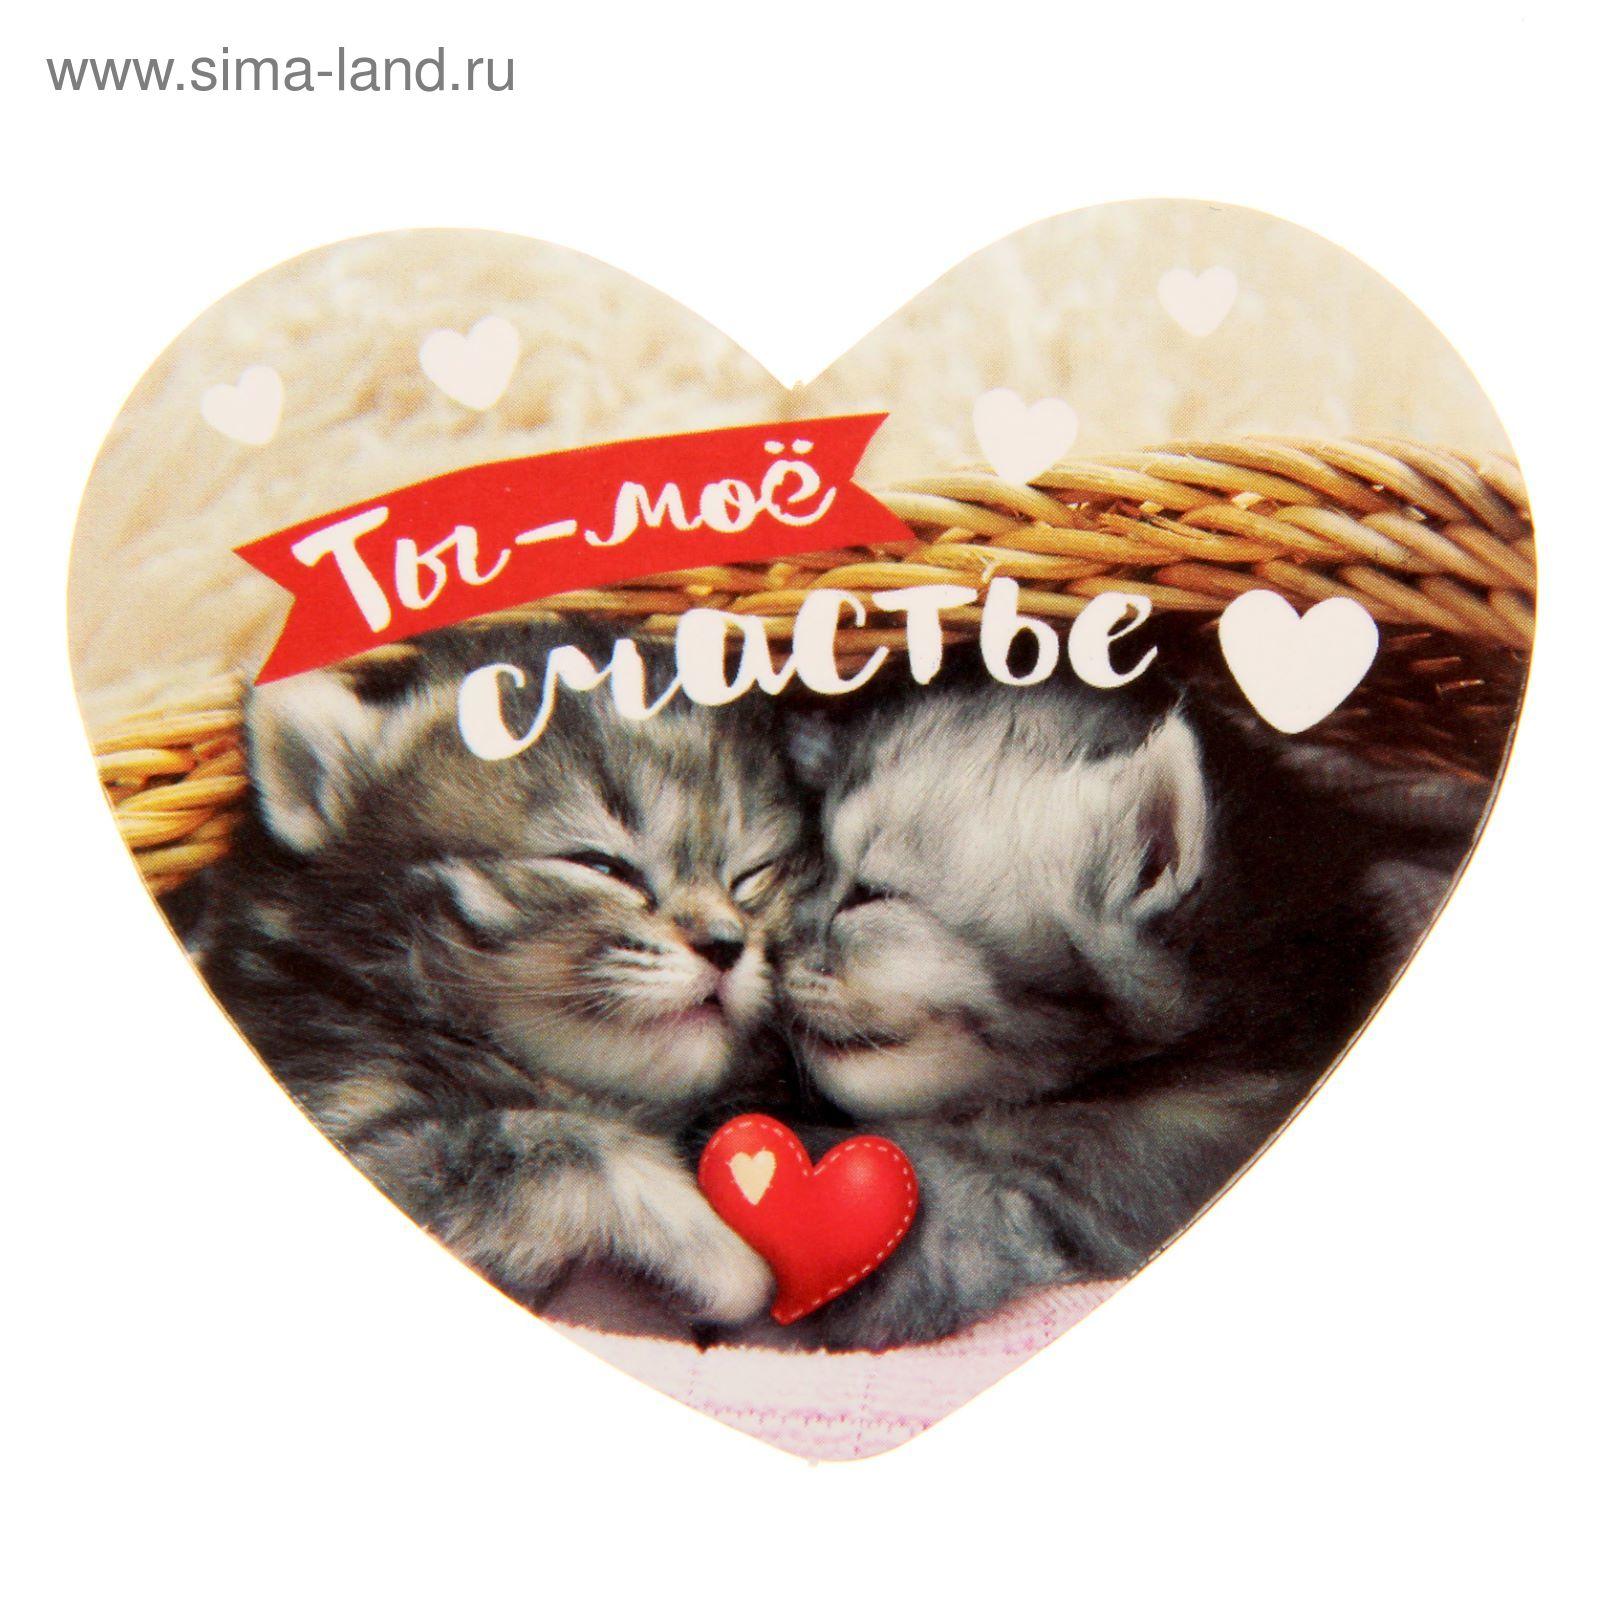 Любимому котеночку картинки